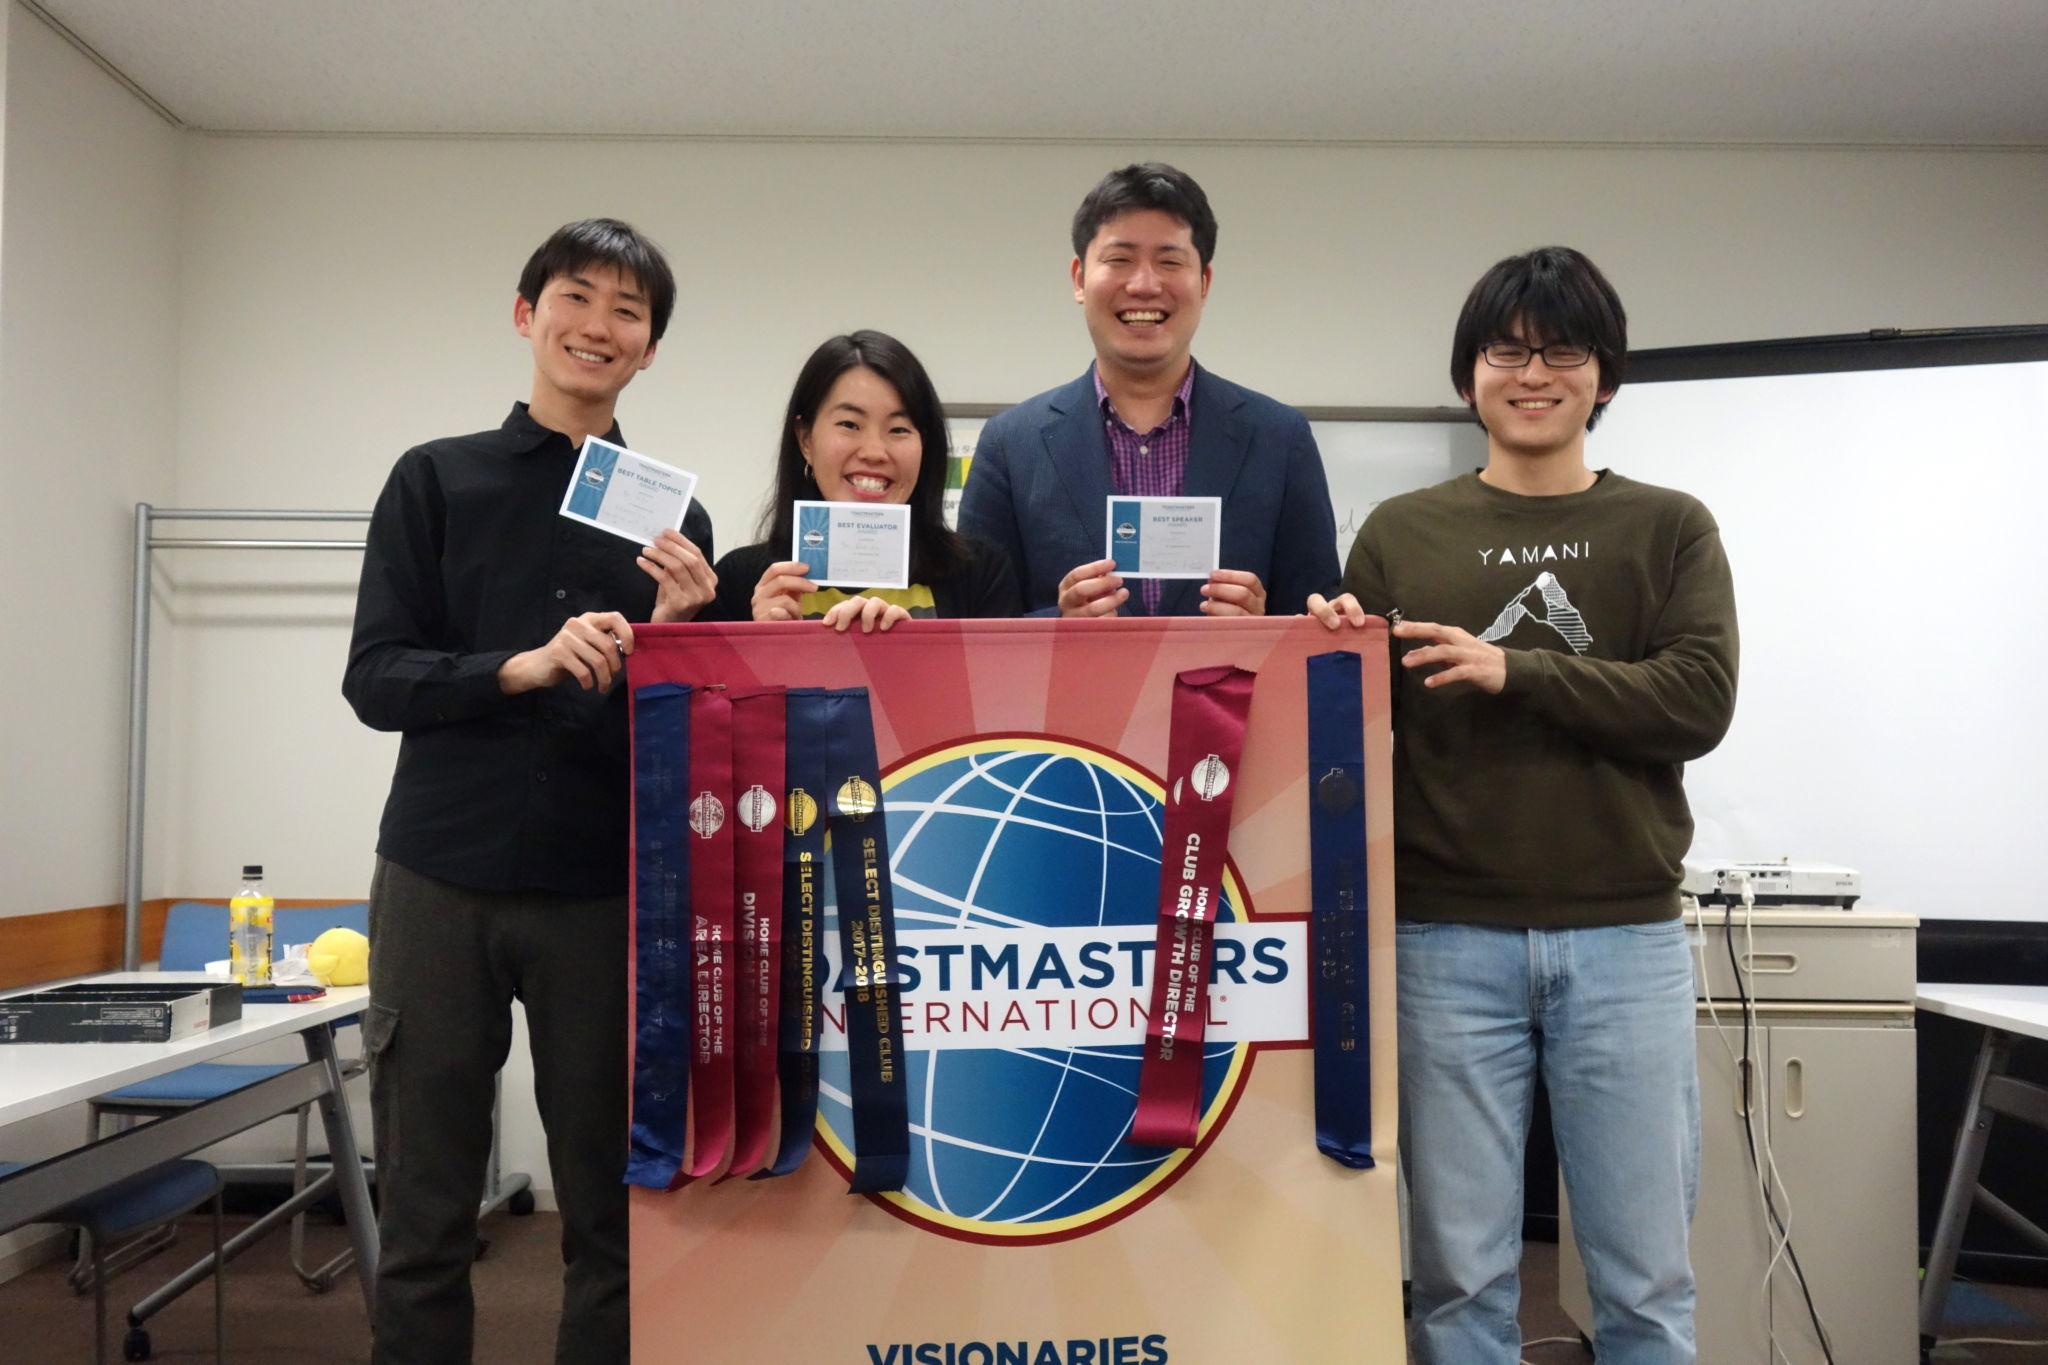 英語トーストマスターズクラブVisionaries武蔵小杉meeting#214の画像